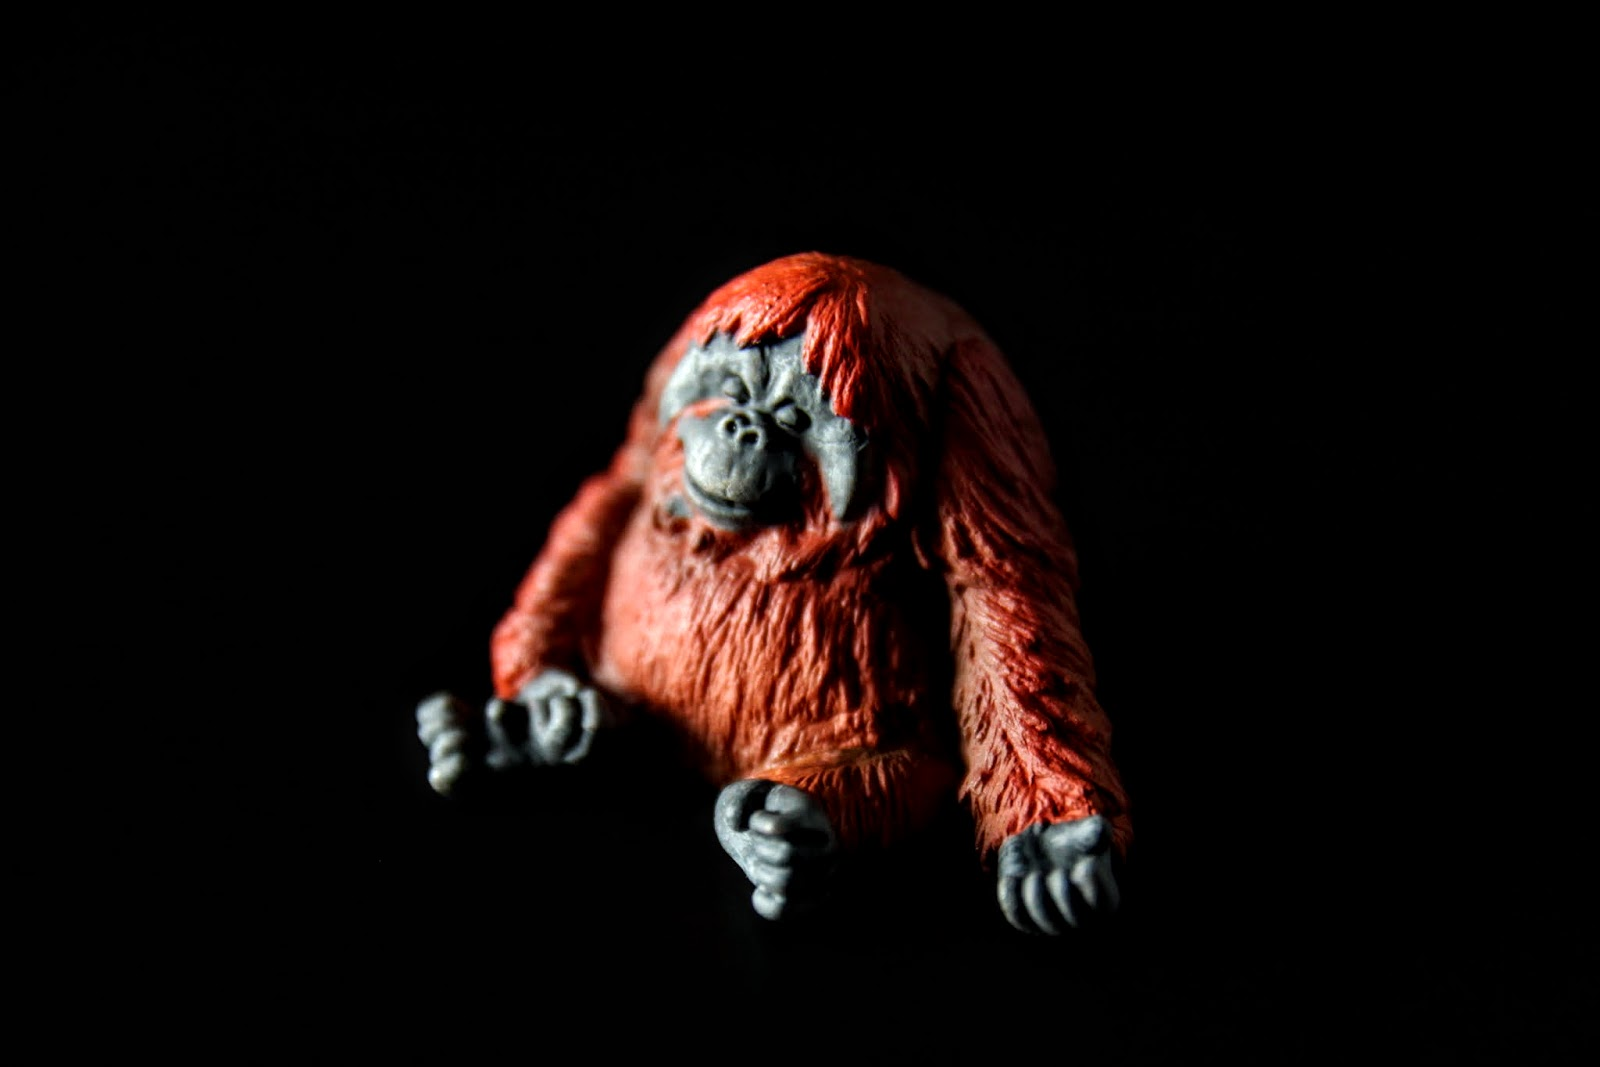 紅毛猩猩睡覺會微笑